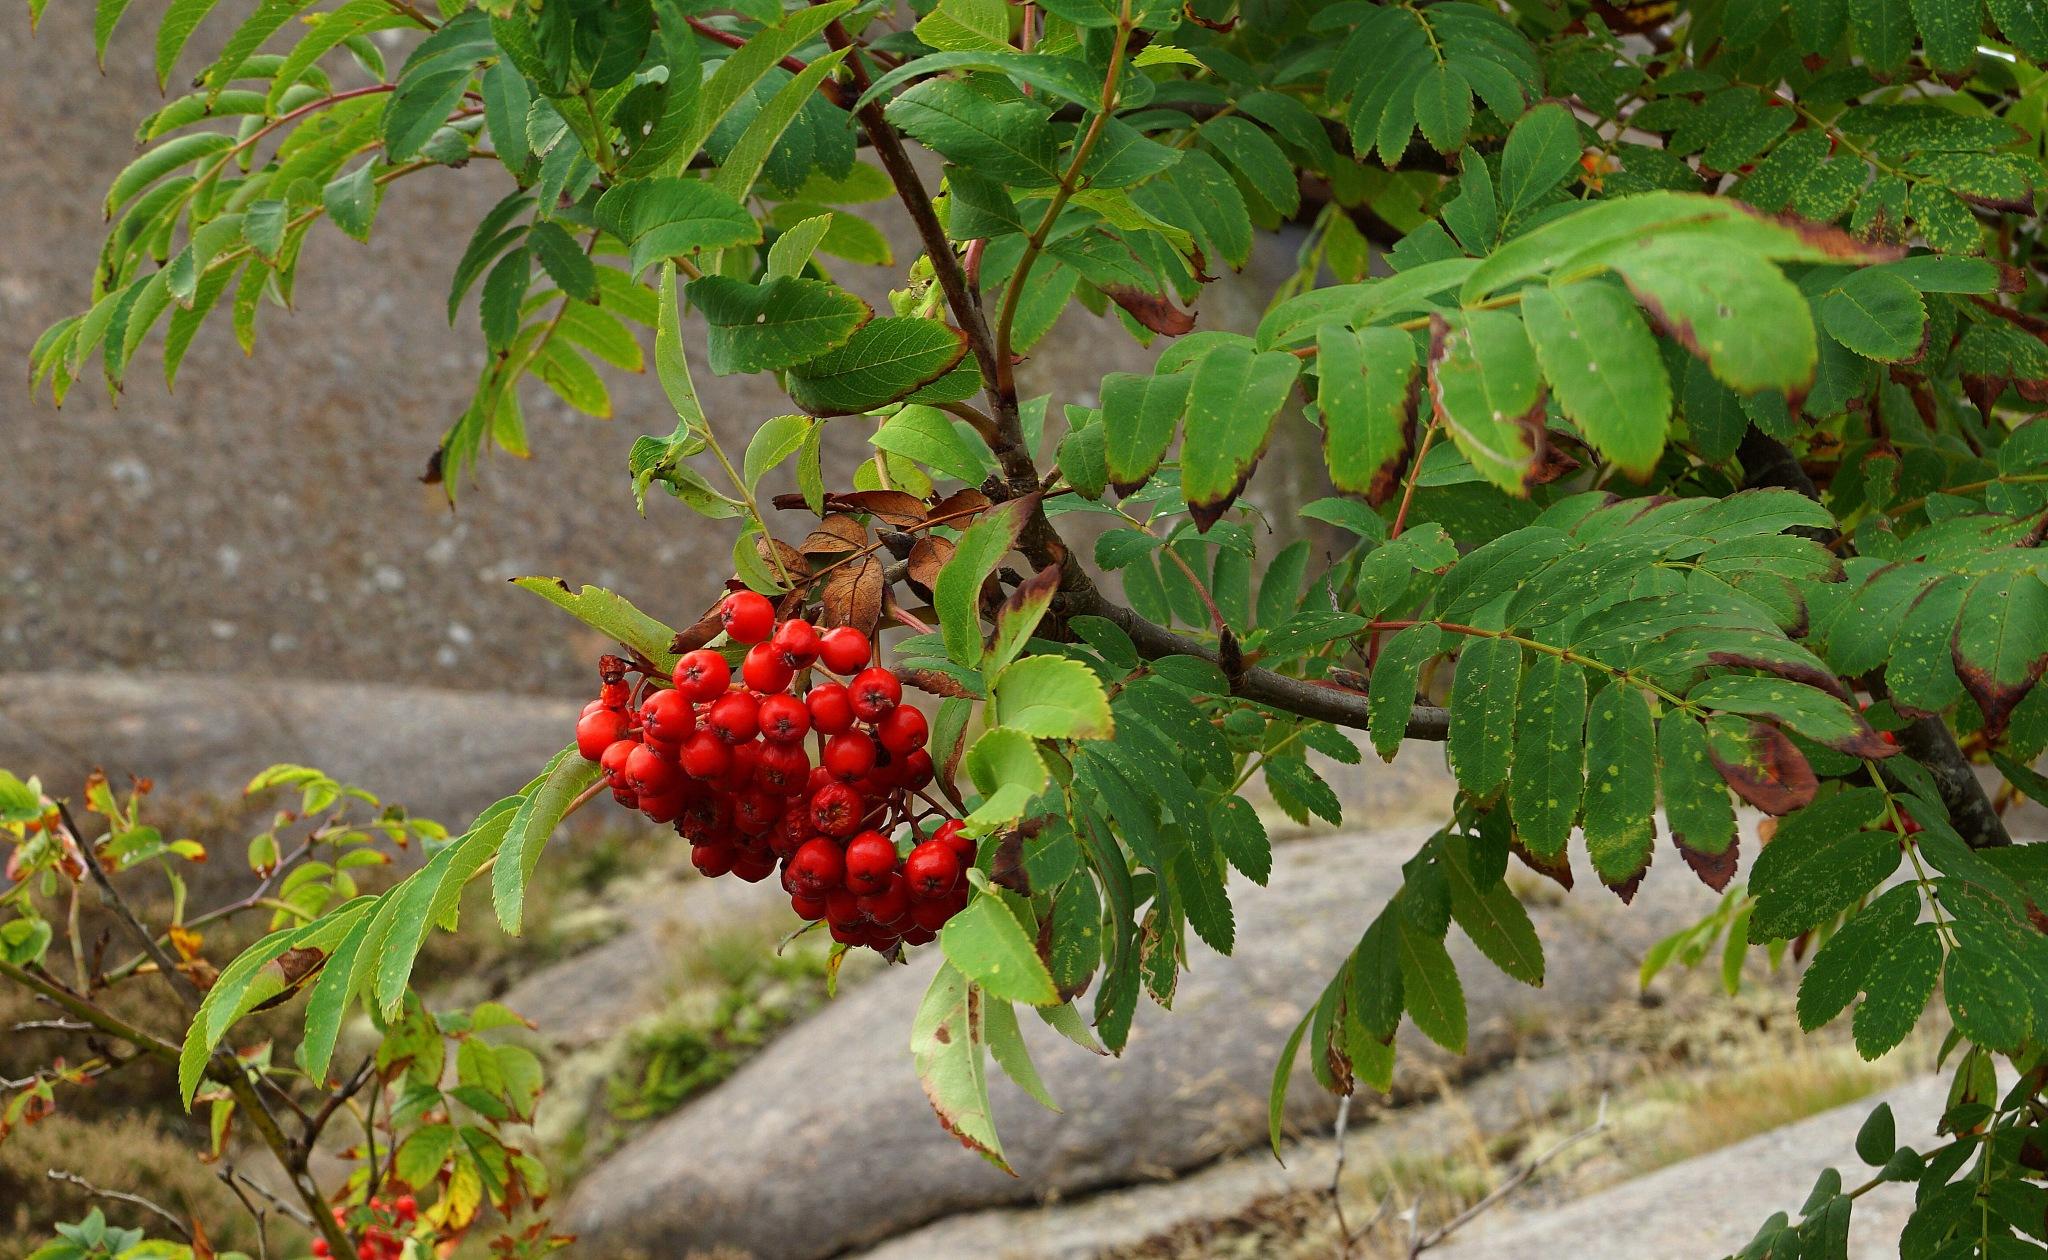 Berrys hanging like flower bouquets by susannemkarlsson